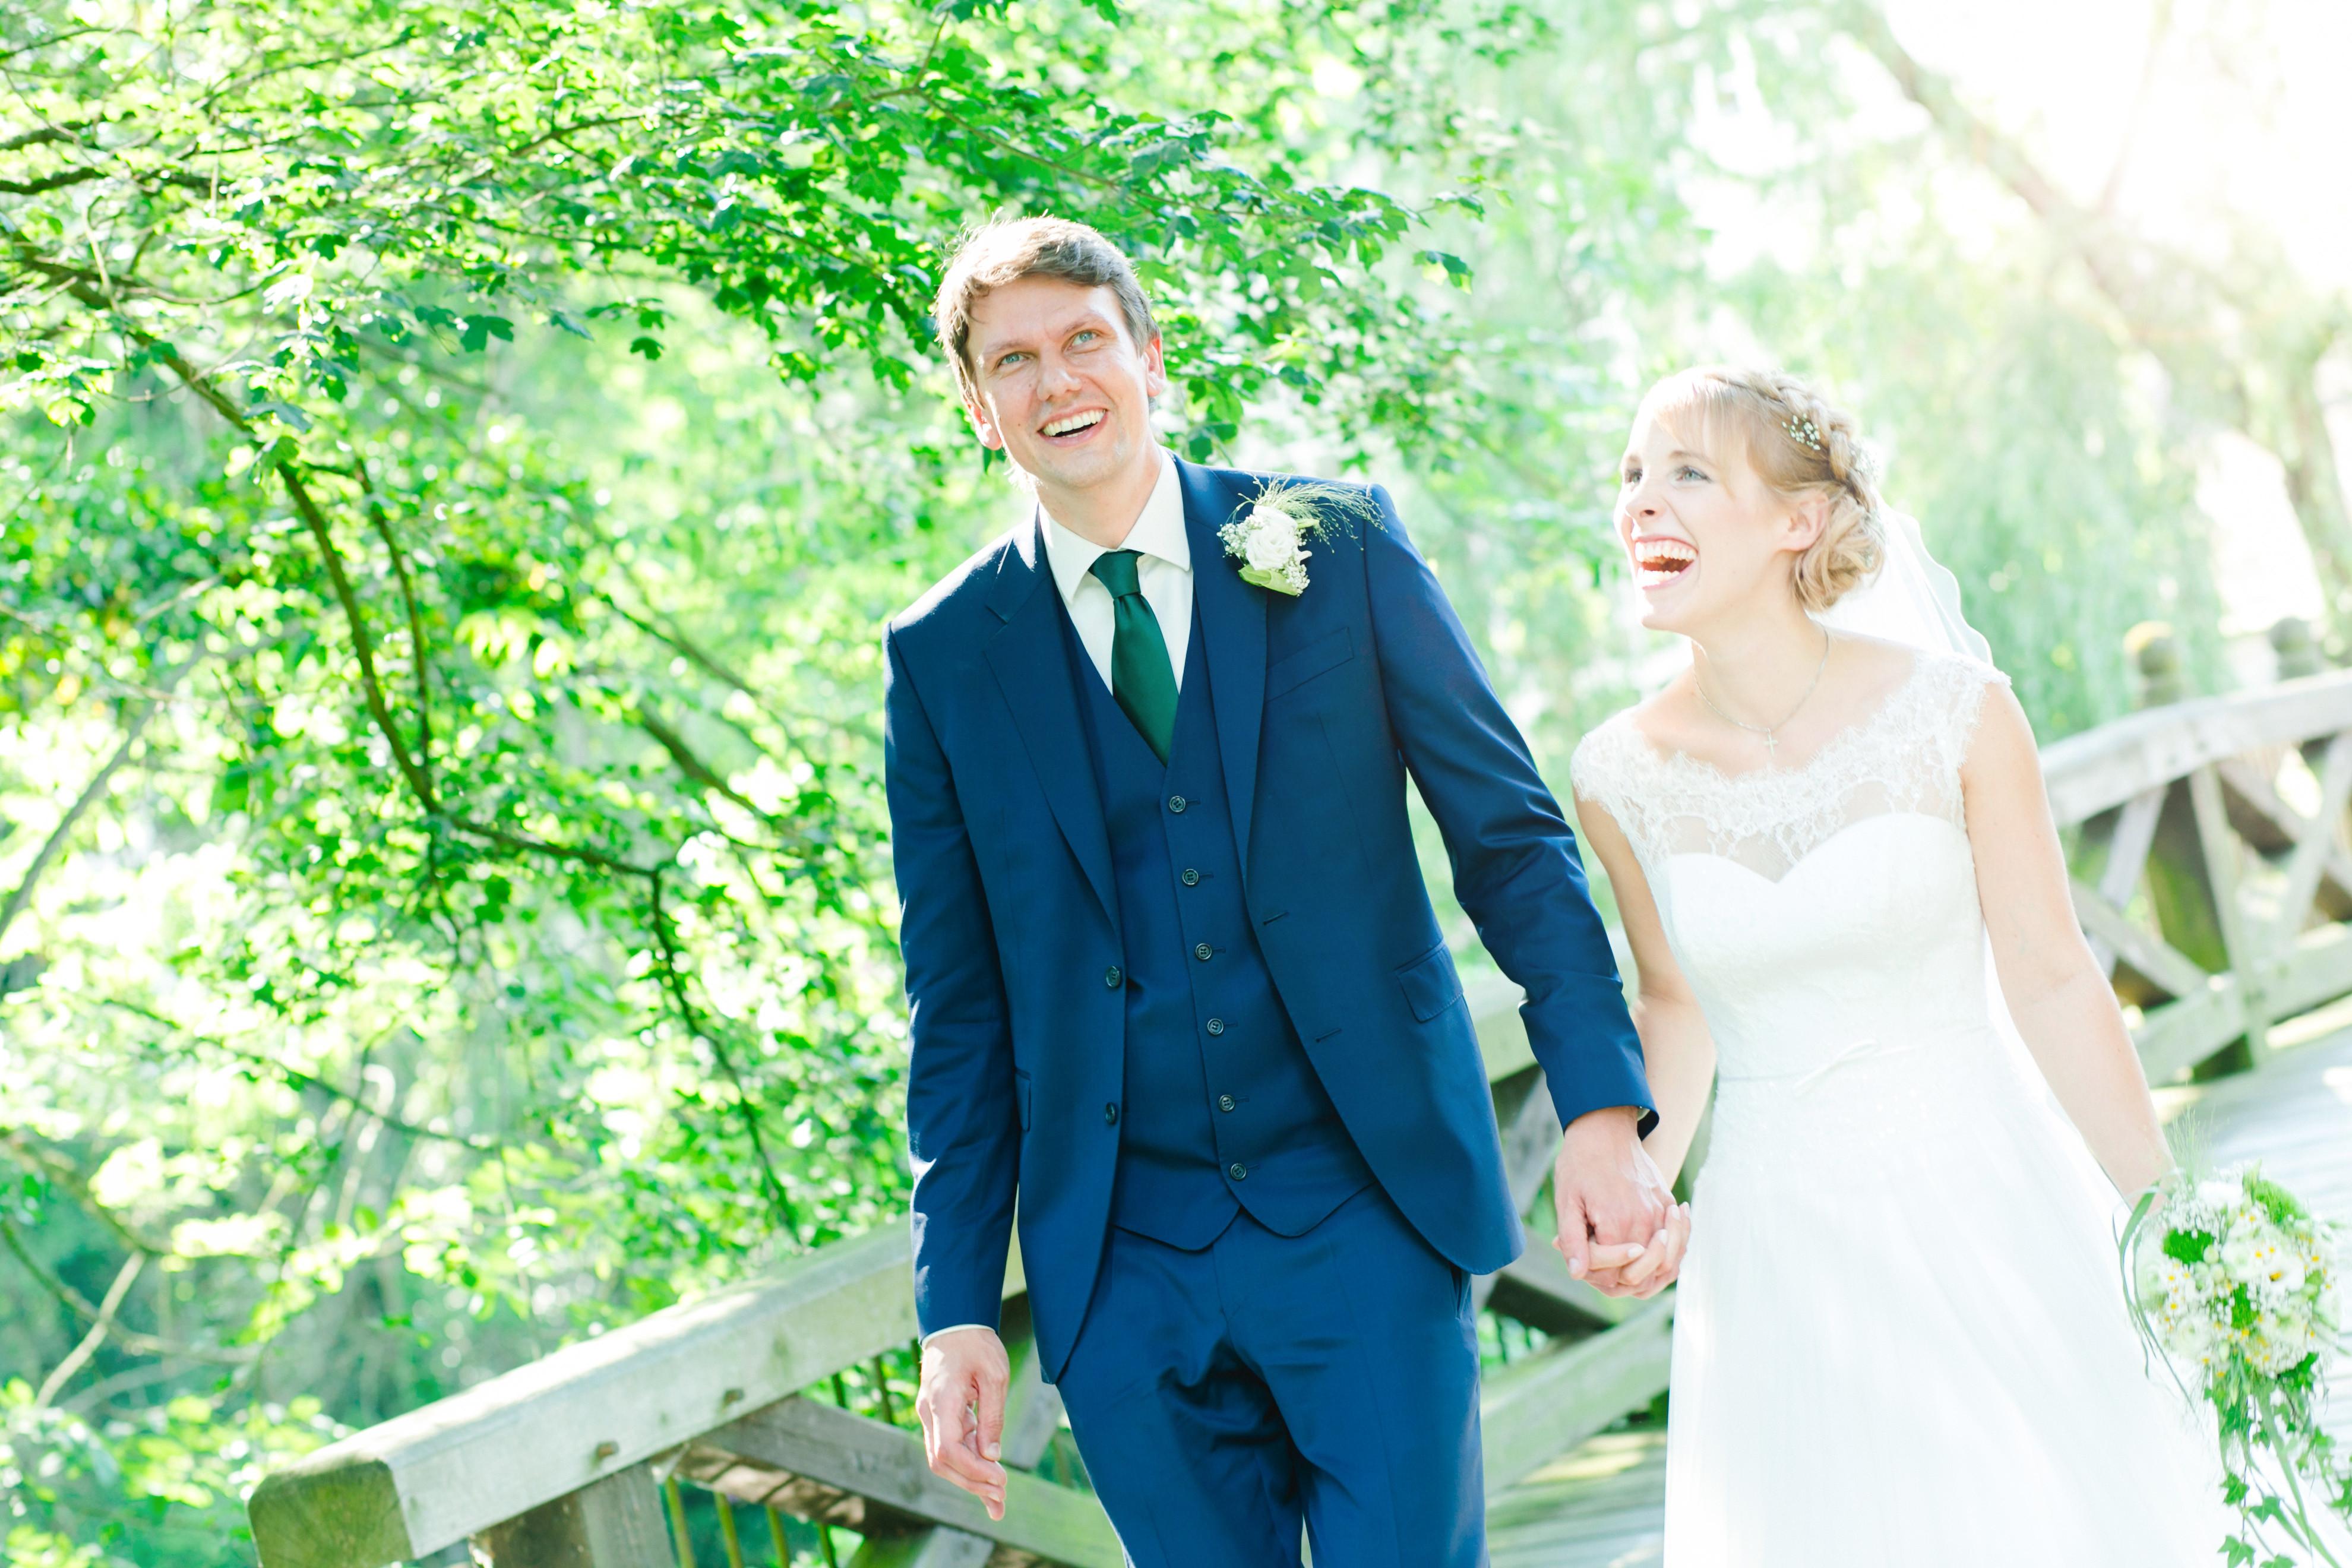 Hochzeit - Trauungsbegleitung